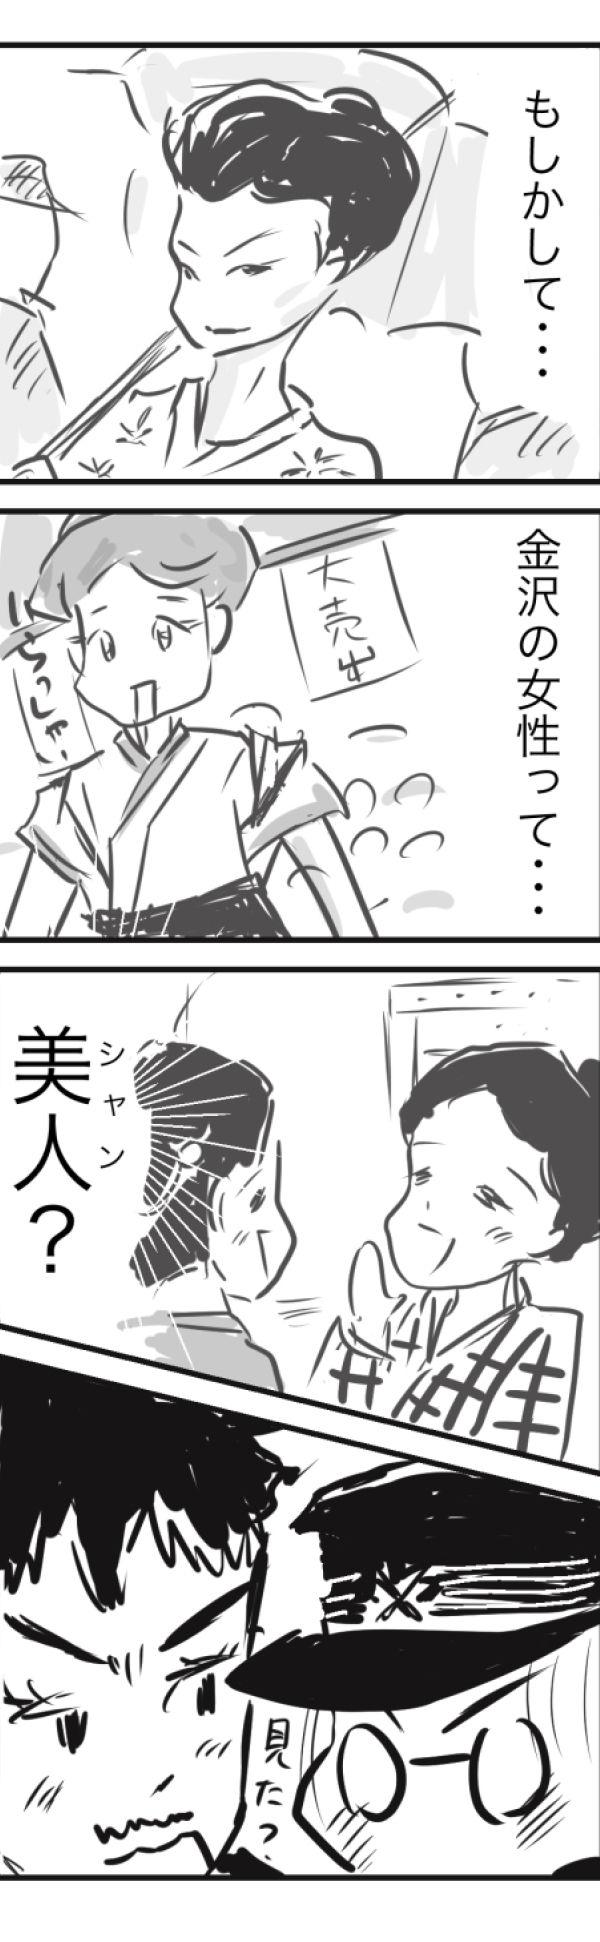 山田金沢1−3−3枠なし600